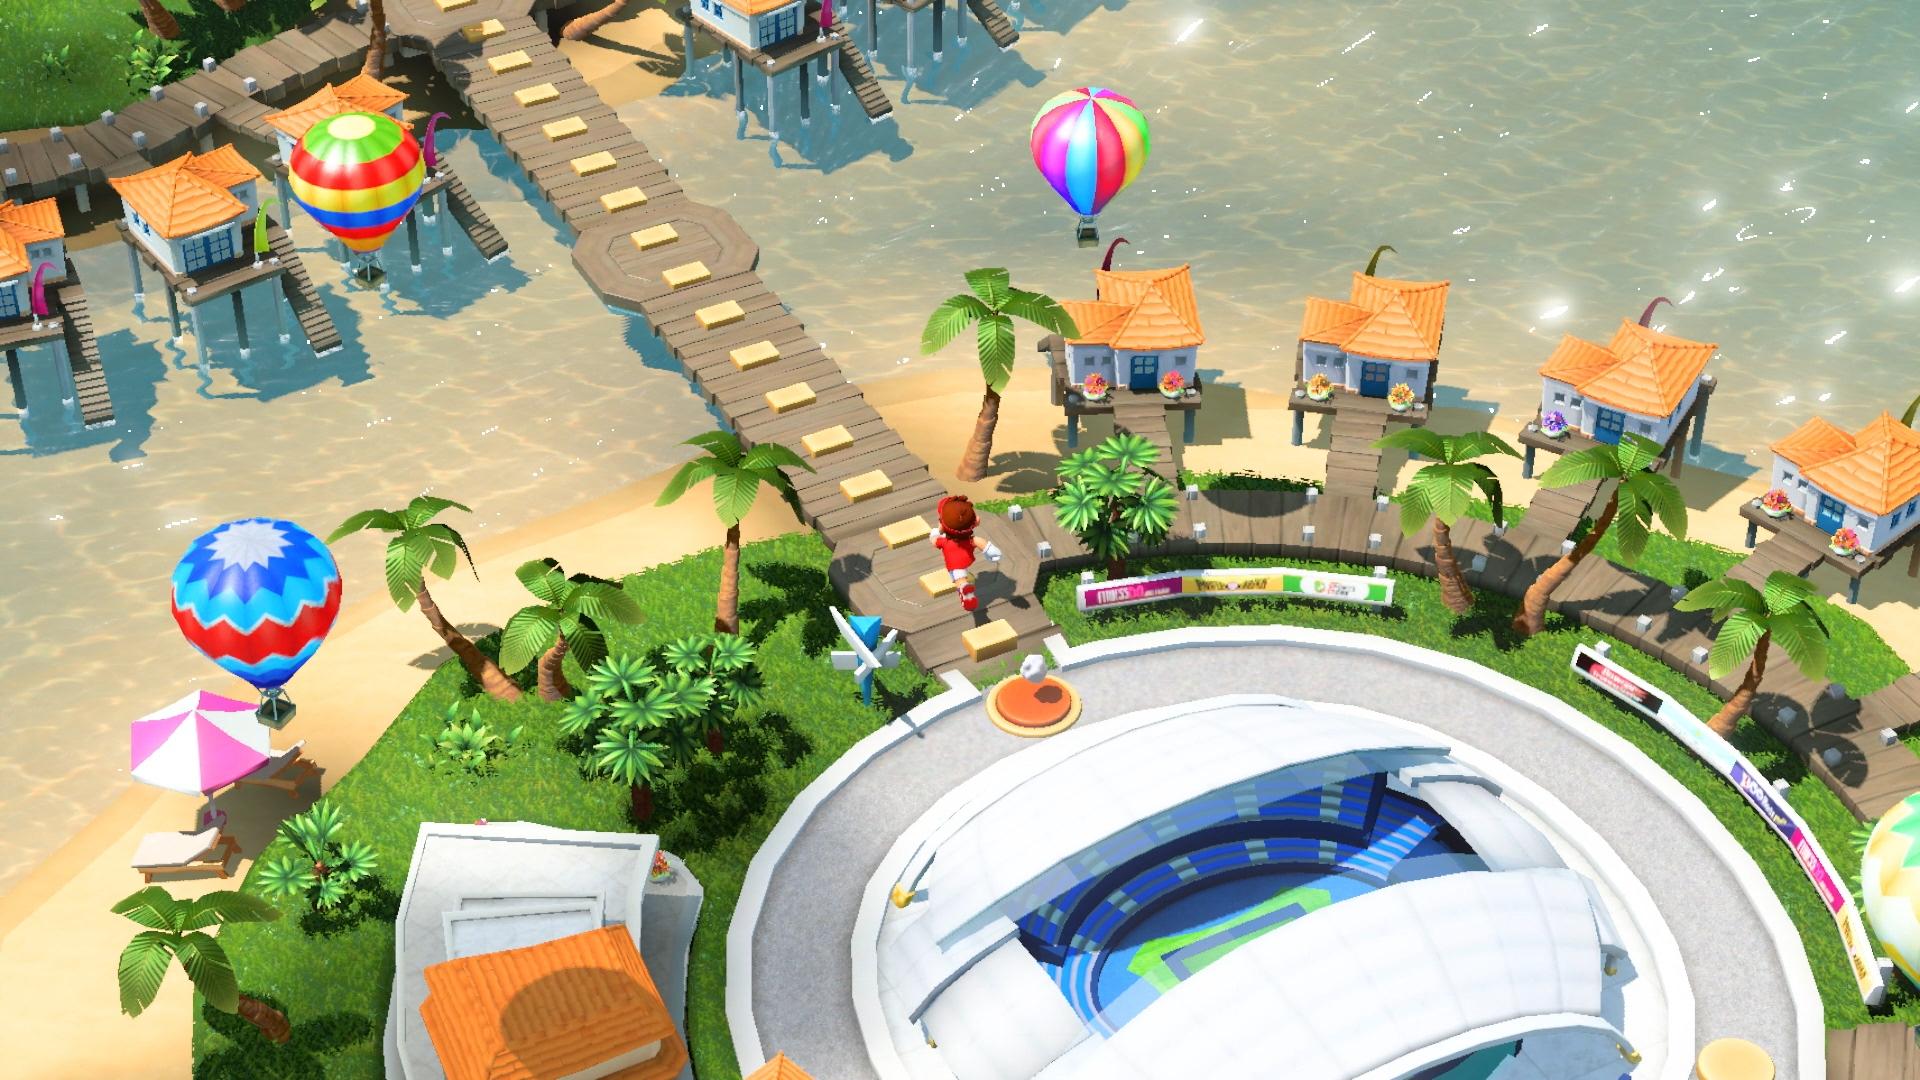 Mario-Tennis-Aces-Screen-4.jpg